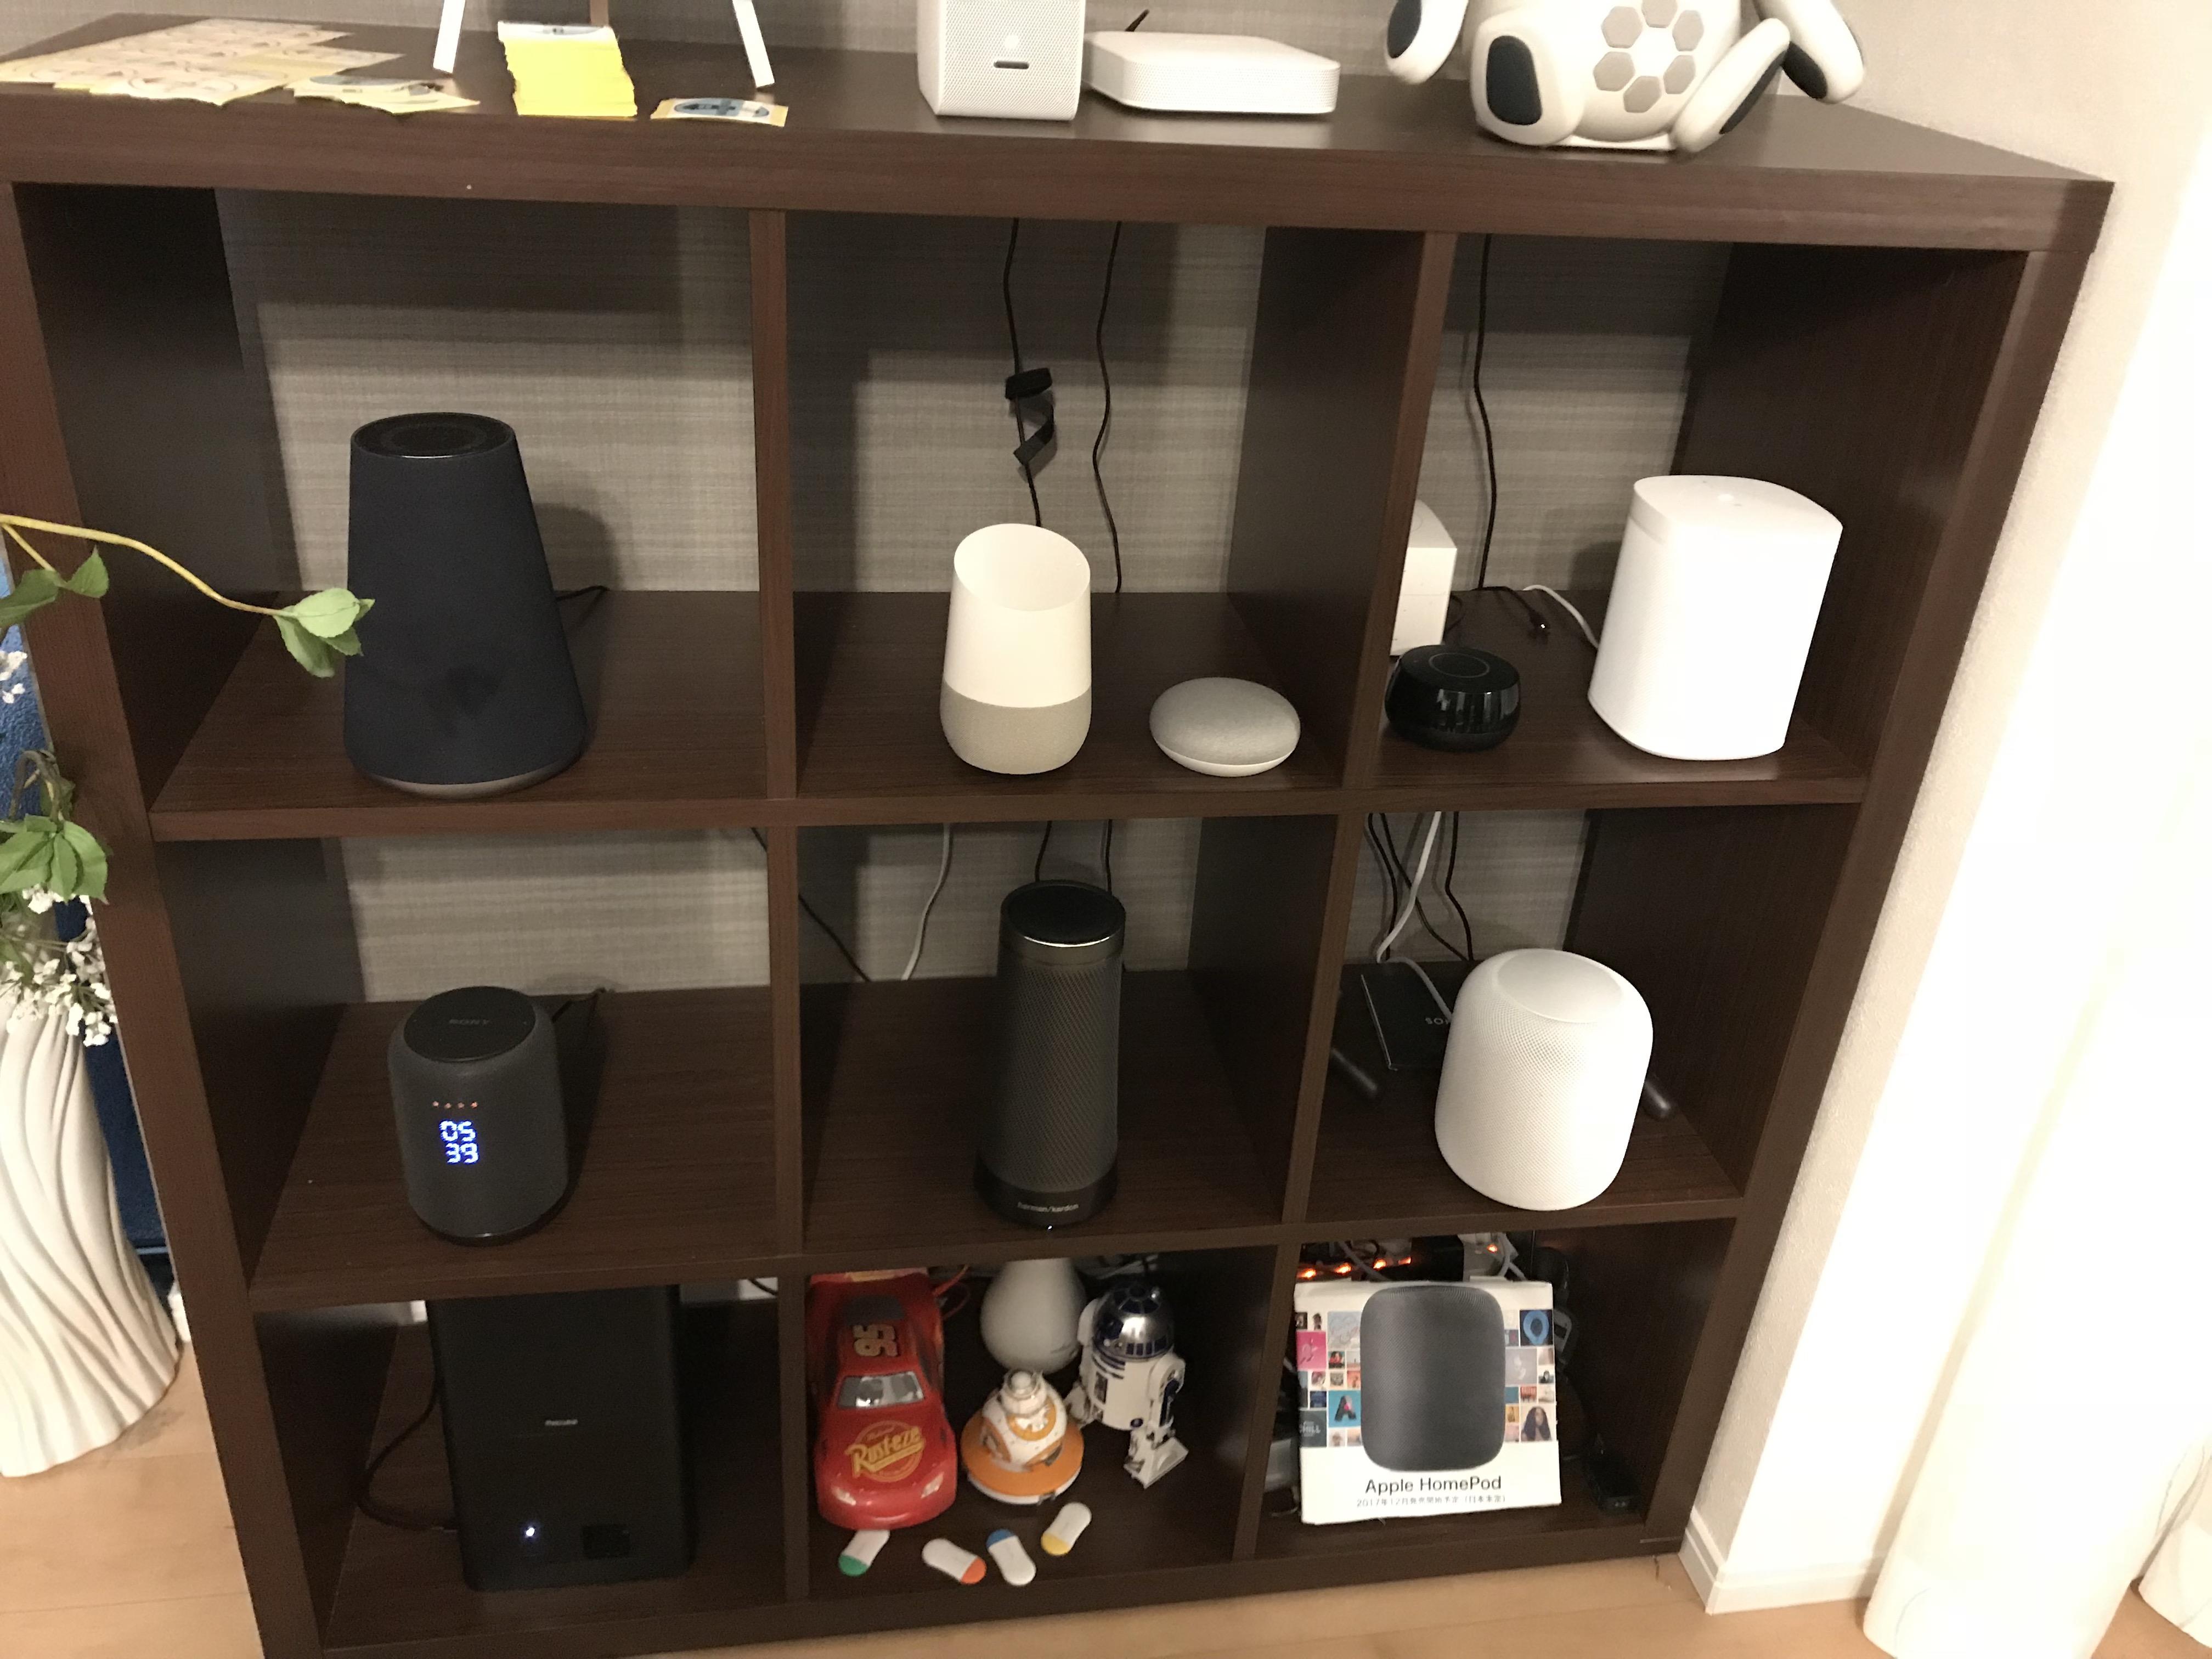 日本未公開の最新 スマート家電 : IOT家電 を オープンハウス、ソフトバンクの「MASACASA!」で体験 AIスピーカー